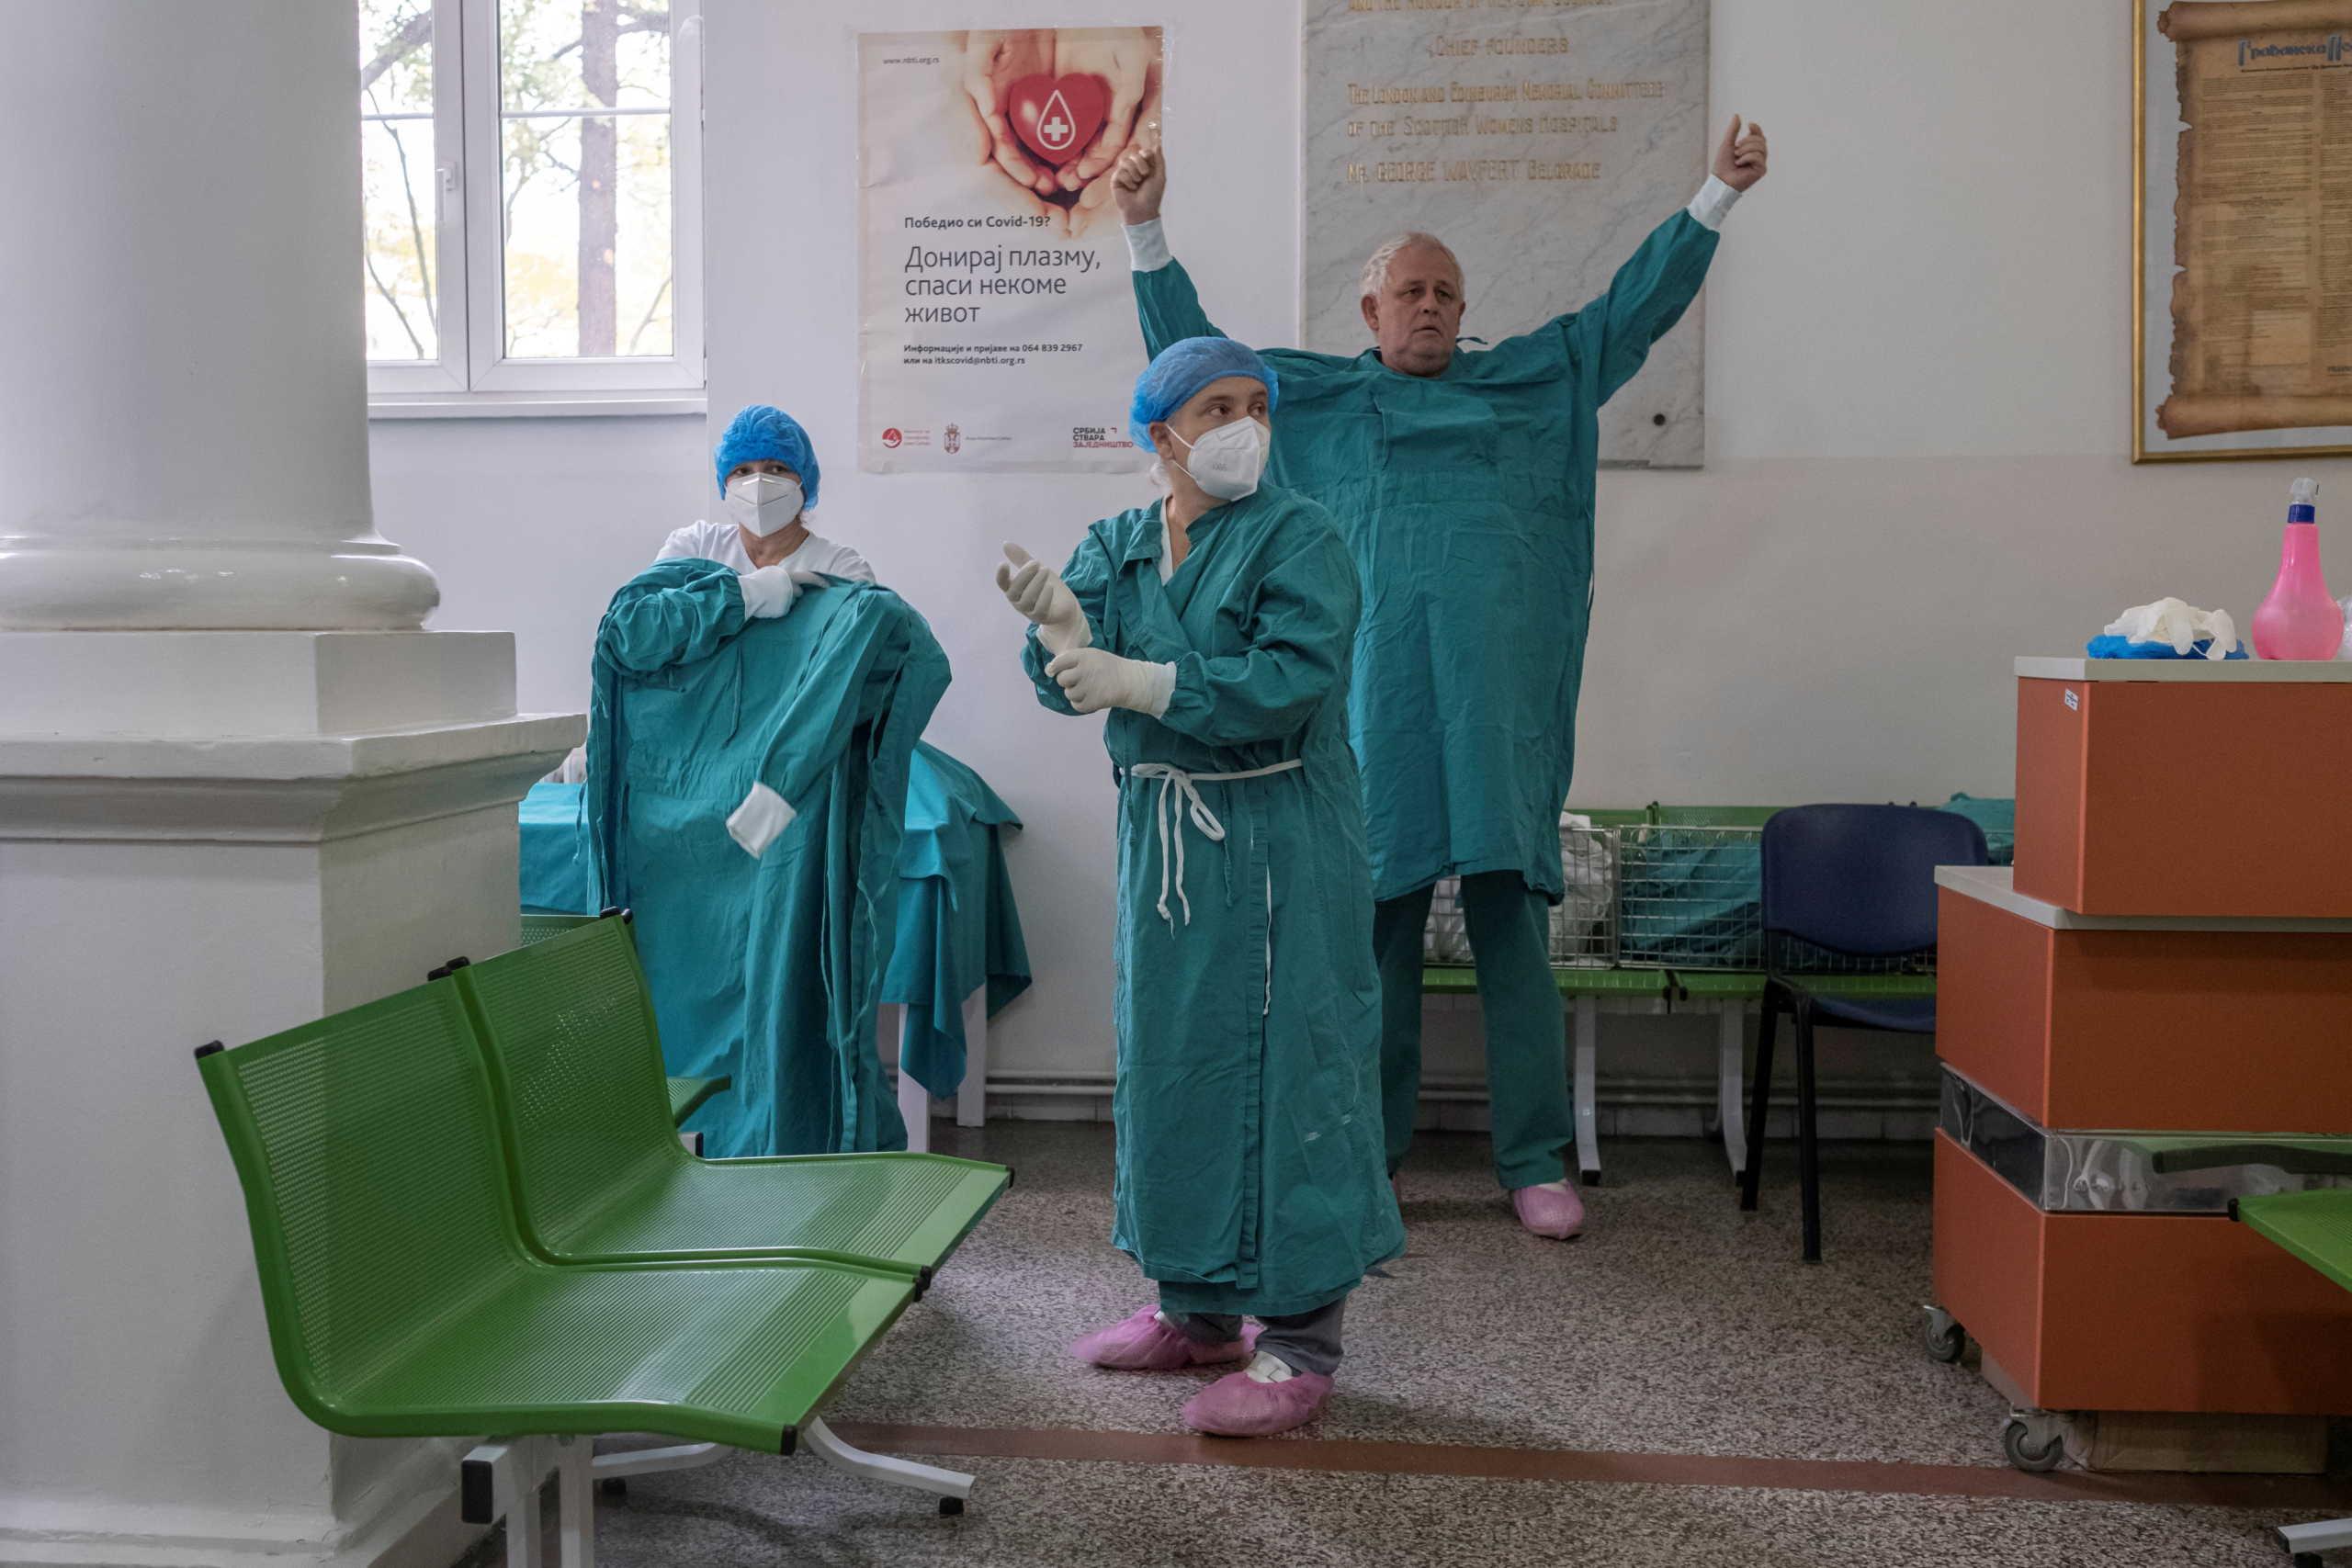 Κορονοϊός: Δραματική η κατάσταση στη Σερβία – Γέμισαν τα νοσοκομεία στο Βελιγράδι!